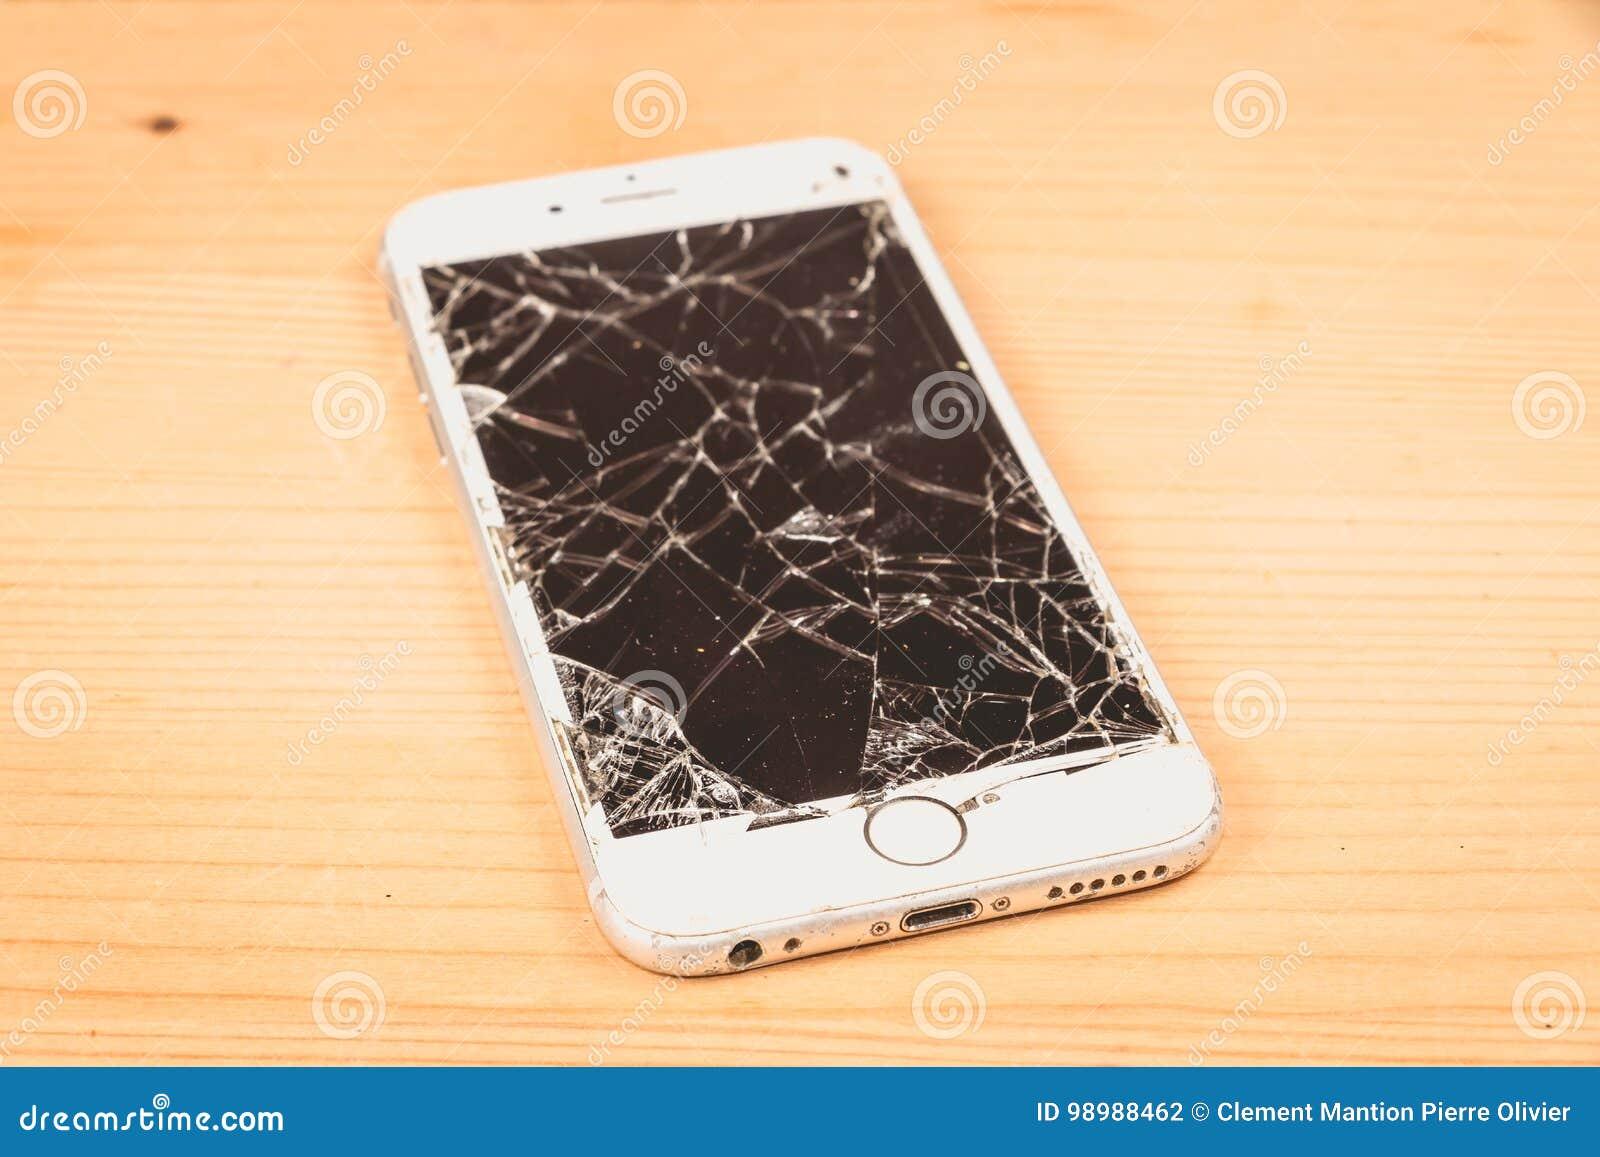 Defektes iPhone 6S entwickelte sich durch die Firma Apple Inc